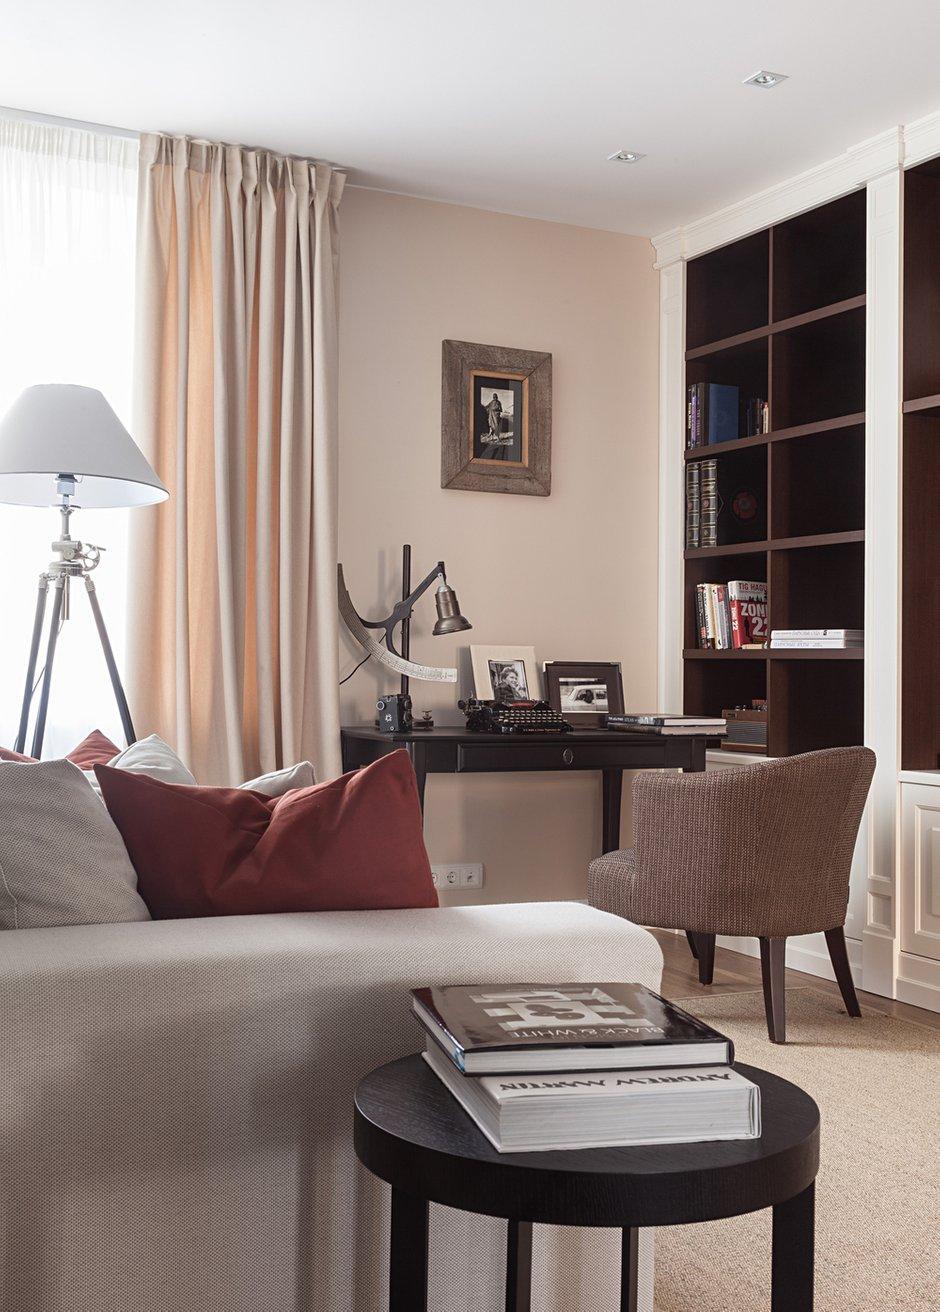 Фотография: Гостиная в стиле Современный, Восточный, Эклектика, Классический, Квартира, Дома и квартиры, IKEA, Проект недели, Дина Салахова – фото на INMYROOM